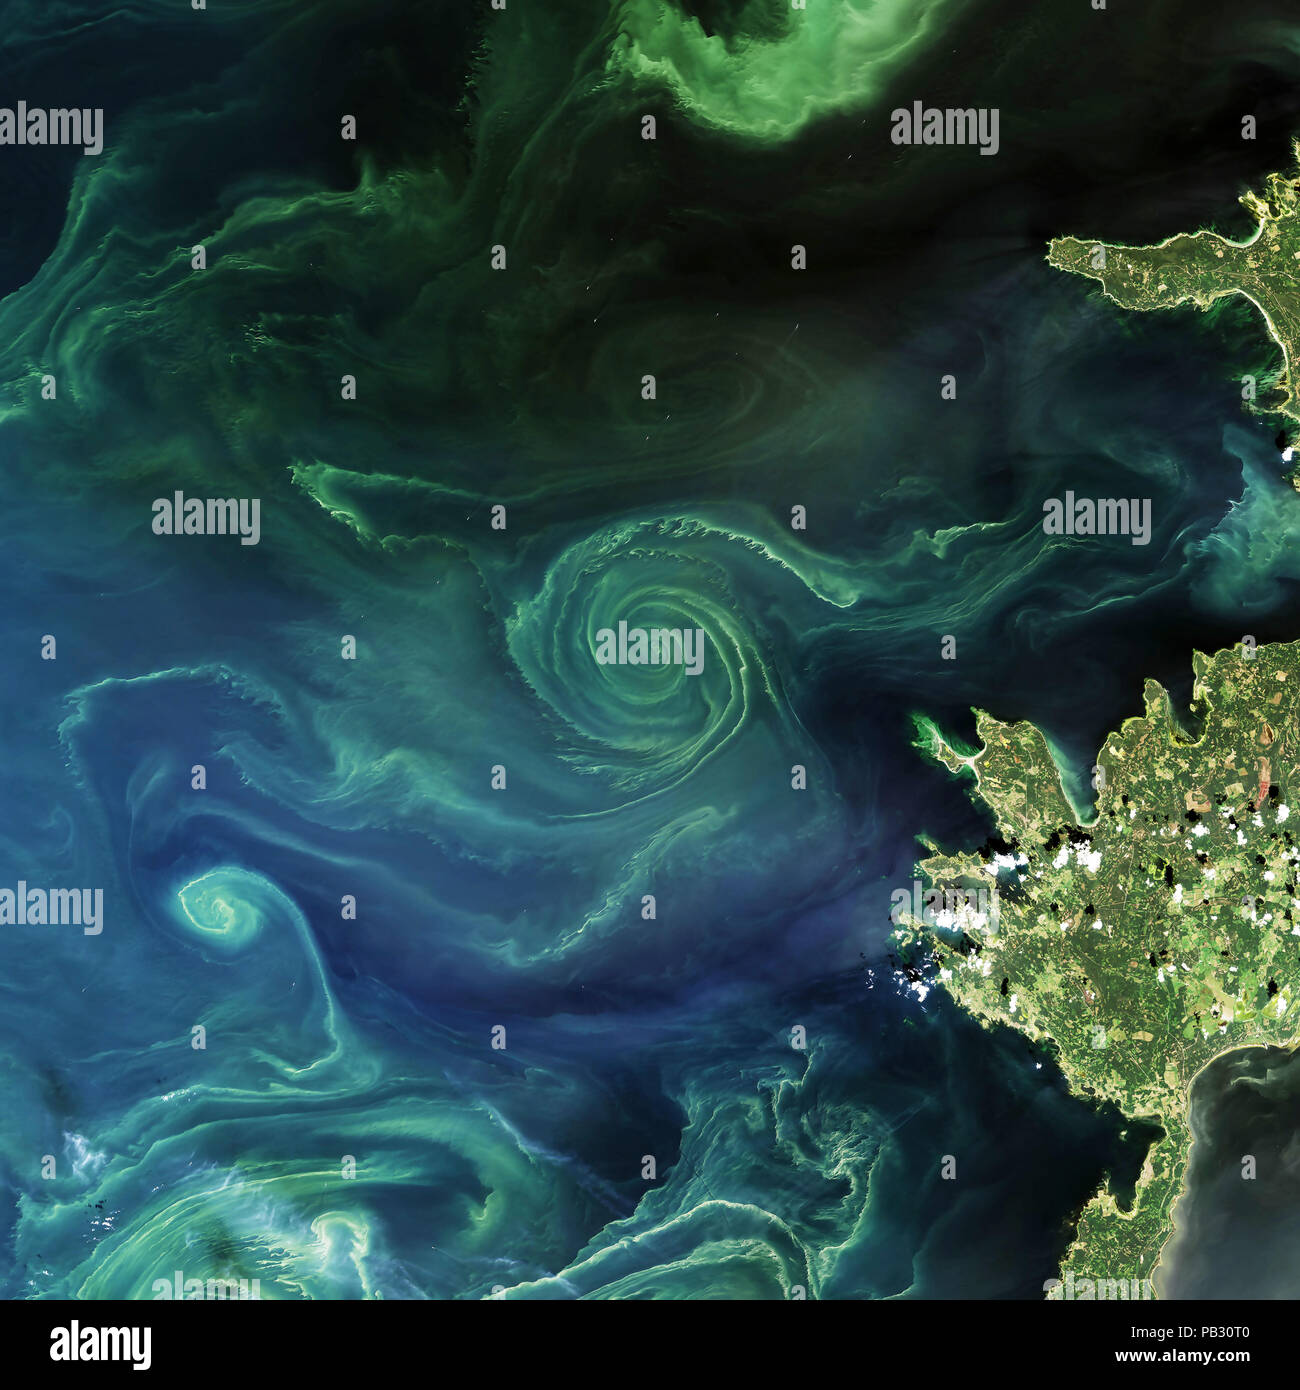 Image satellite de la NASA de floraison du phytoplancton dans la mer de Barents, Golfe de Finlande, 2018 Banque D'Images